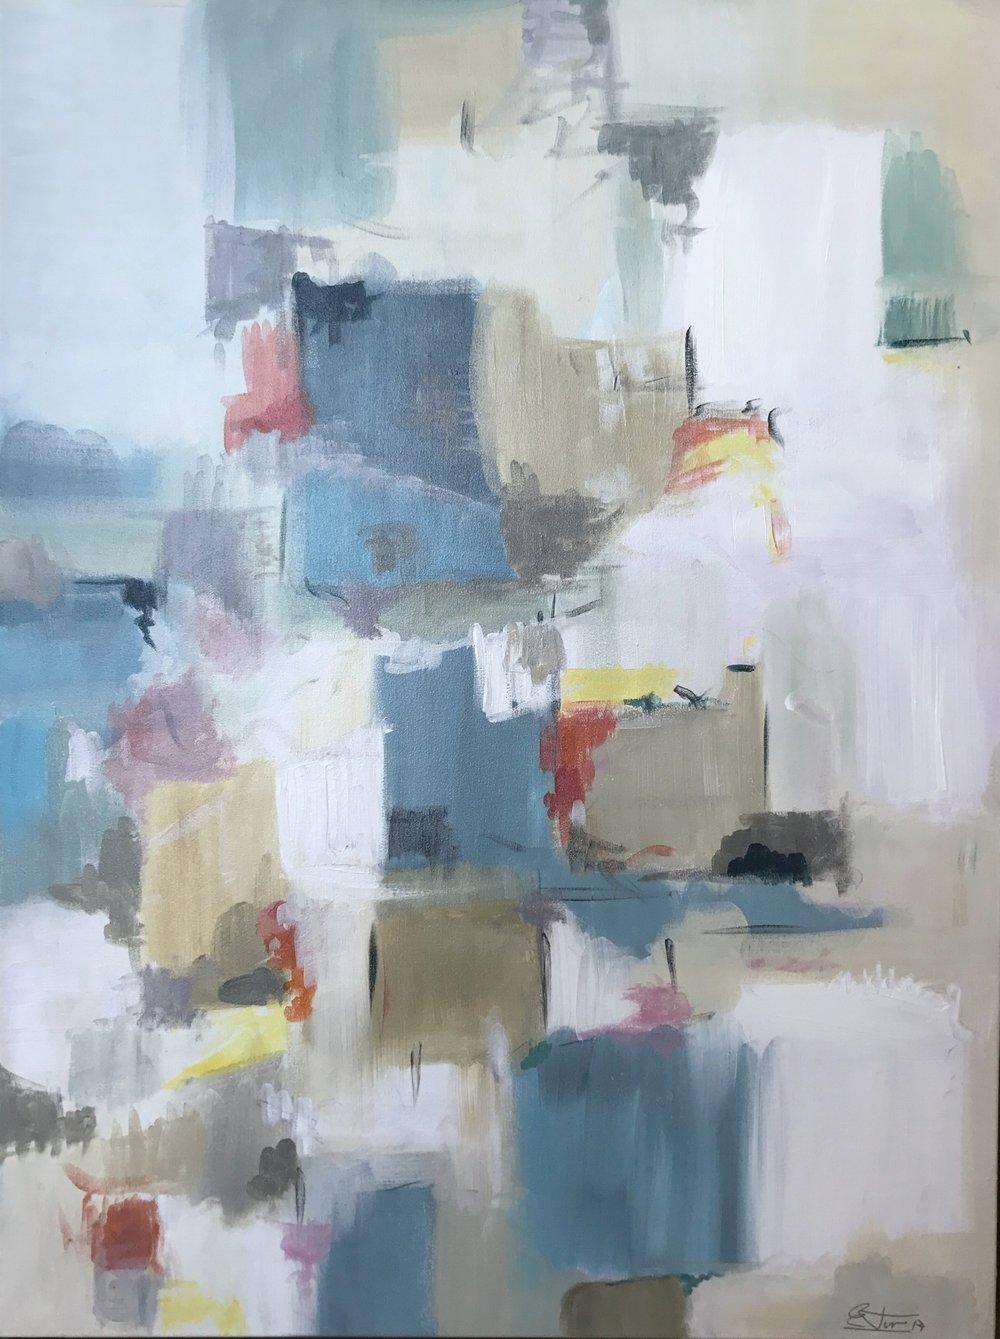 30 x 40  oil on canvas - framed